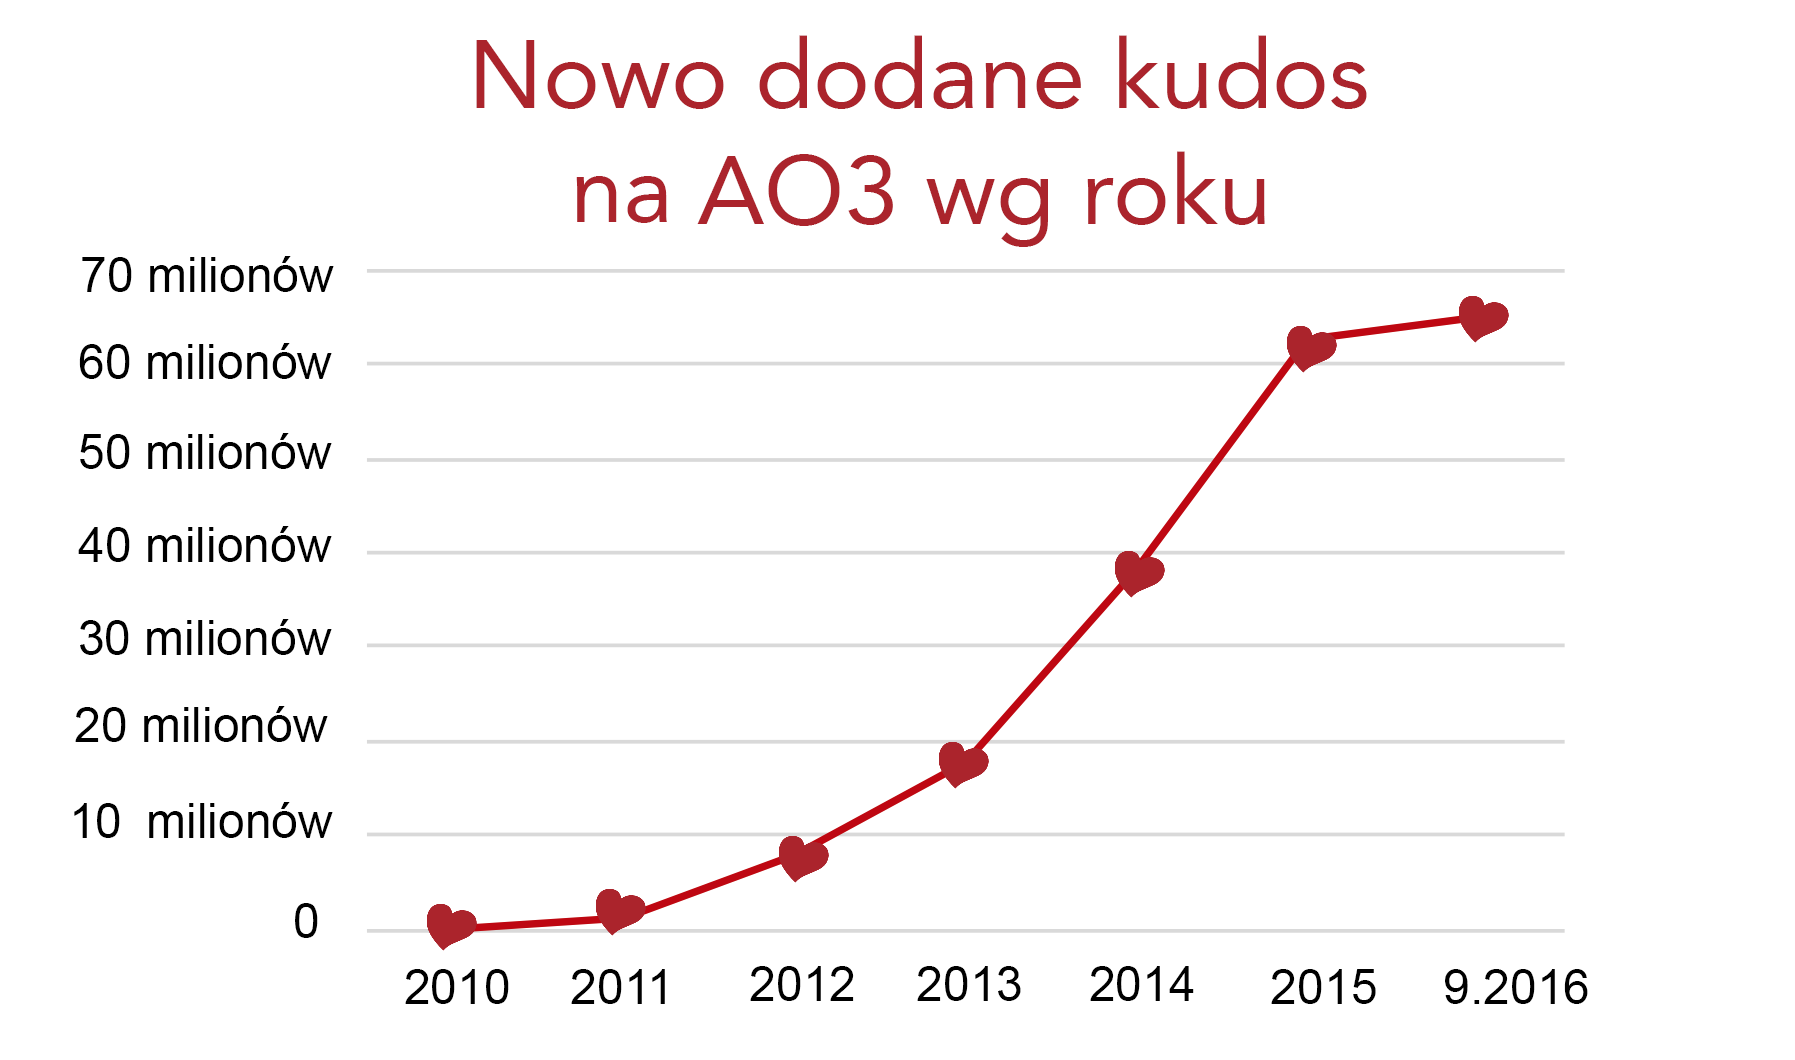 Grafika przedstawiająca przyrost kudos na AO3, od zera w 2010 roku do ponad 60 milionów we wrześniu 2016.